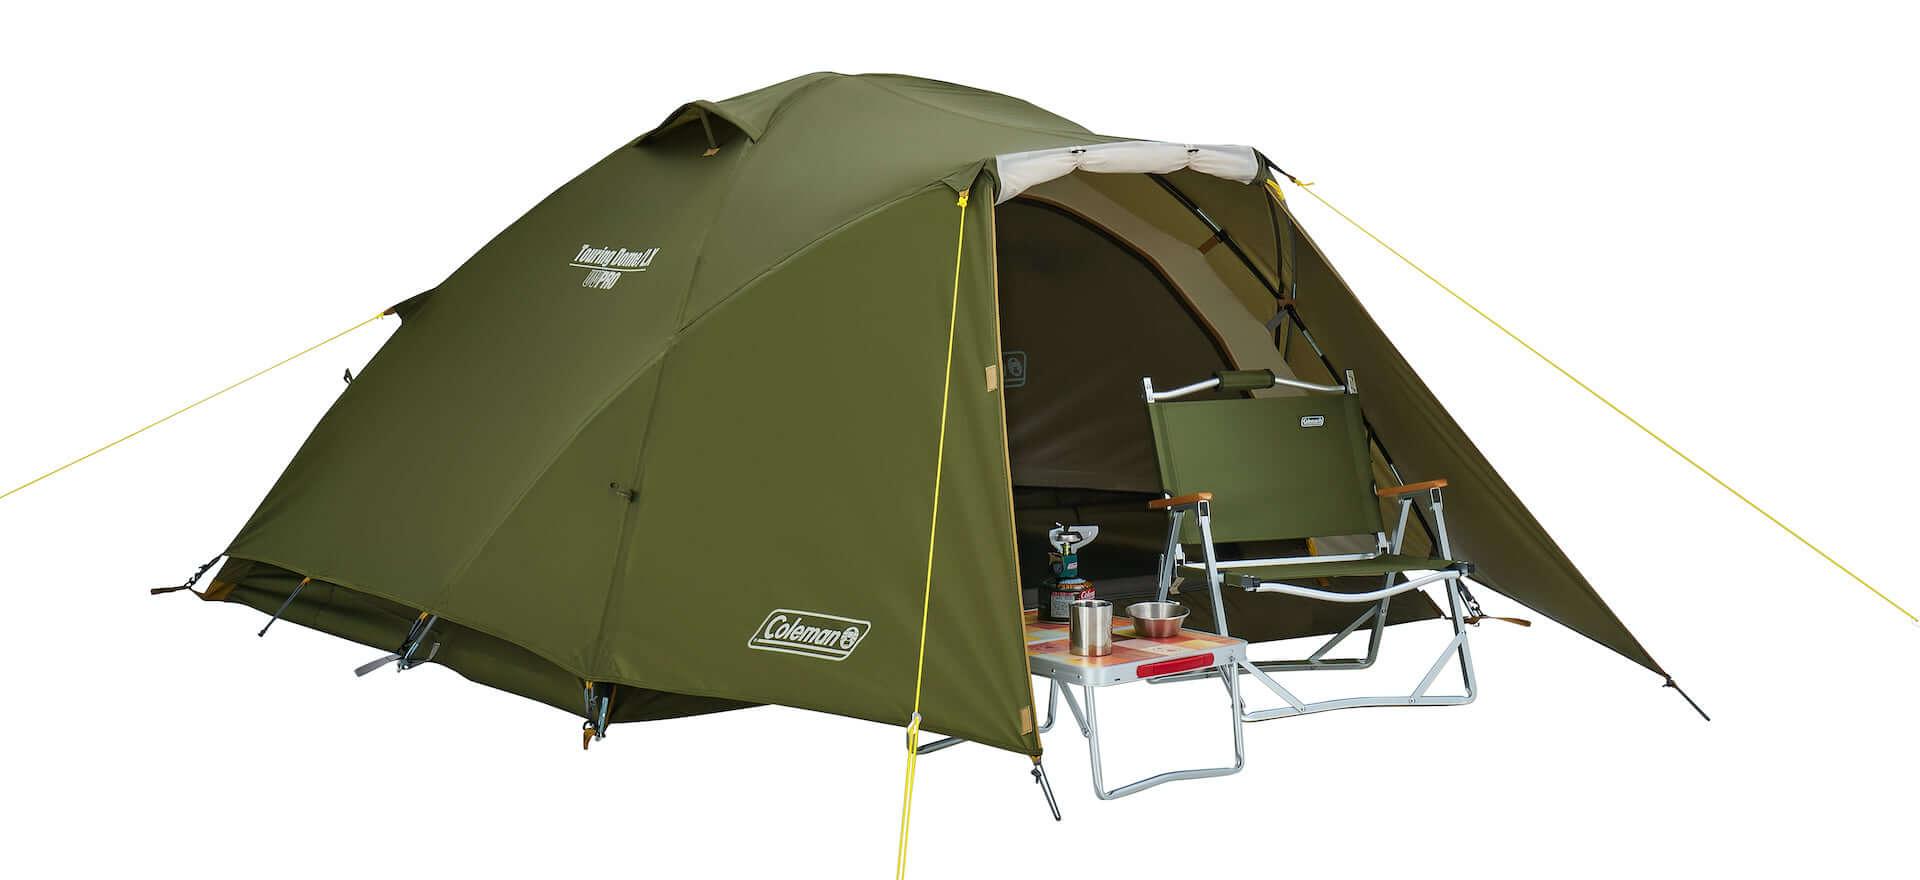 ソロキャンプにもおすすめなテント、ヘキサタープがコールマンから登場!『ツーリングドーム』『ヘキサライトⅡ』など全4種が発売決定 lf210114_coleman_6-1920x880